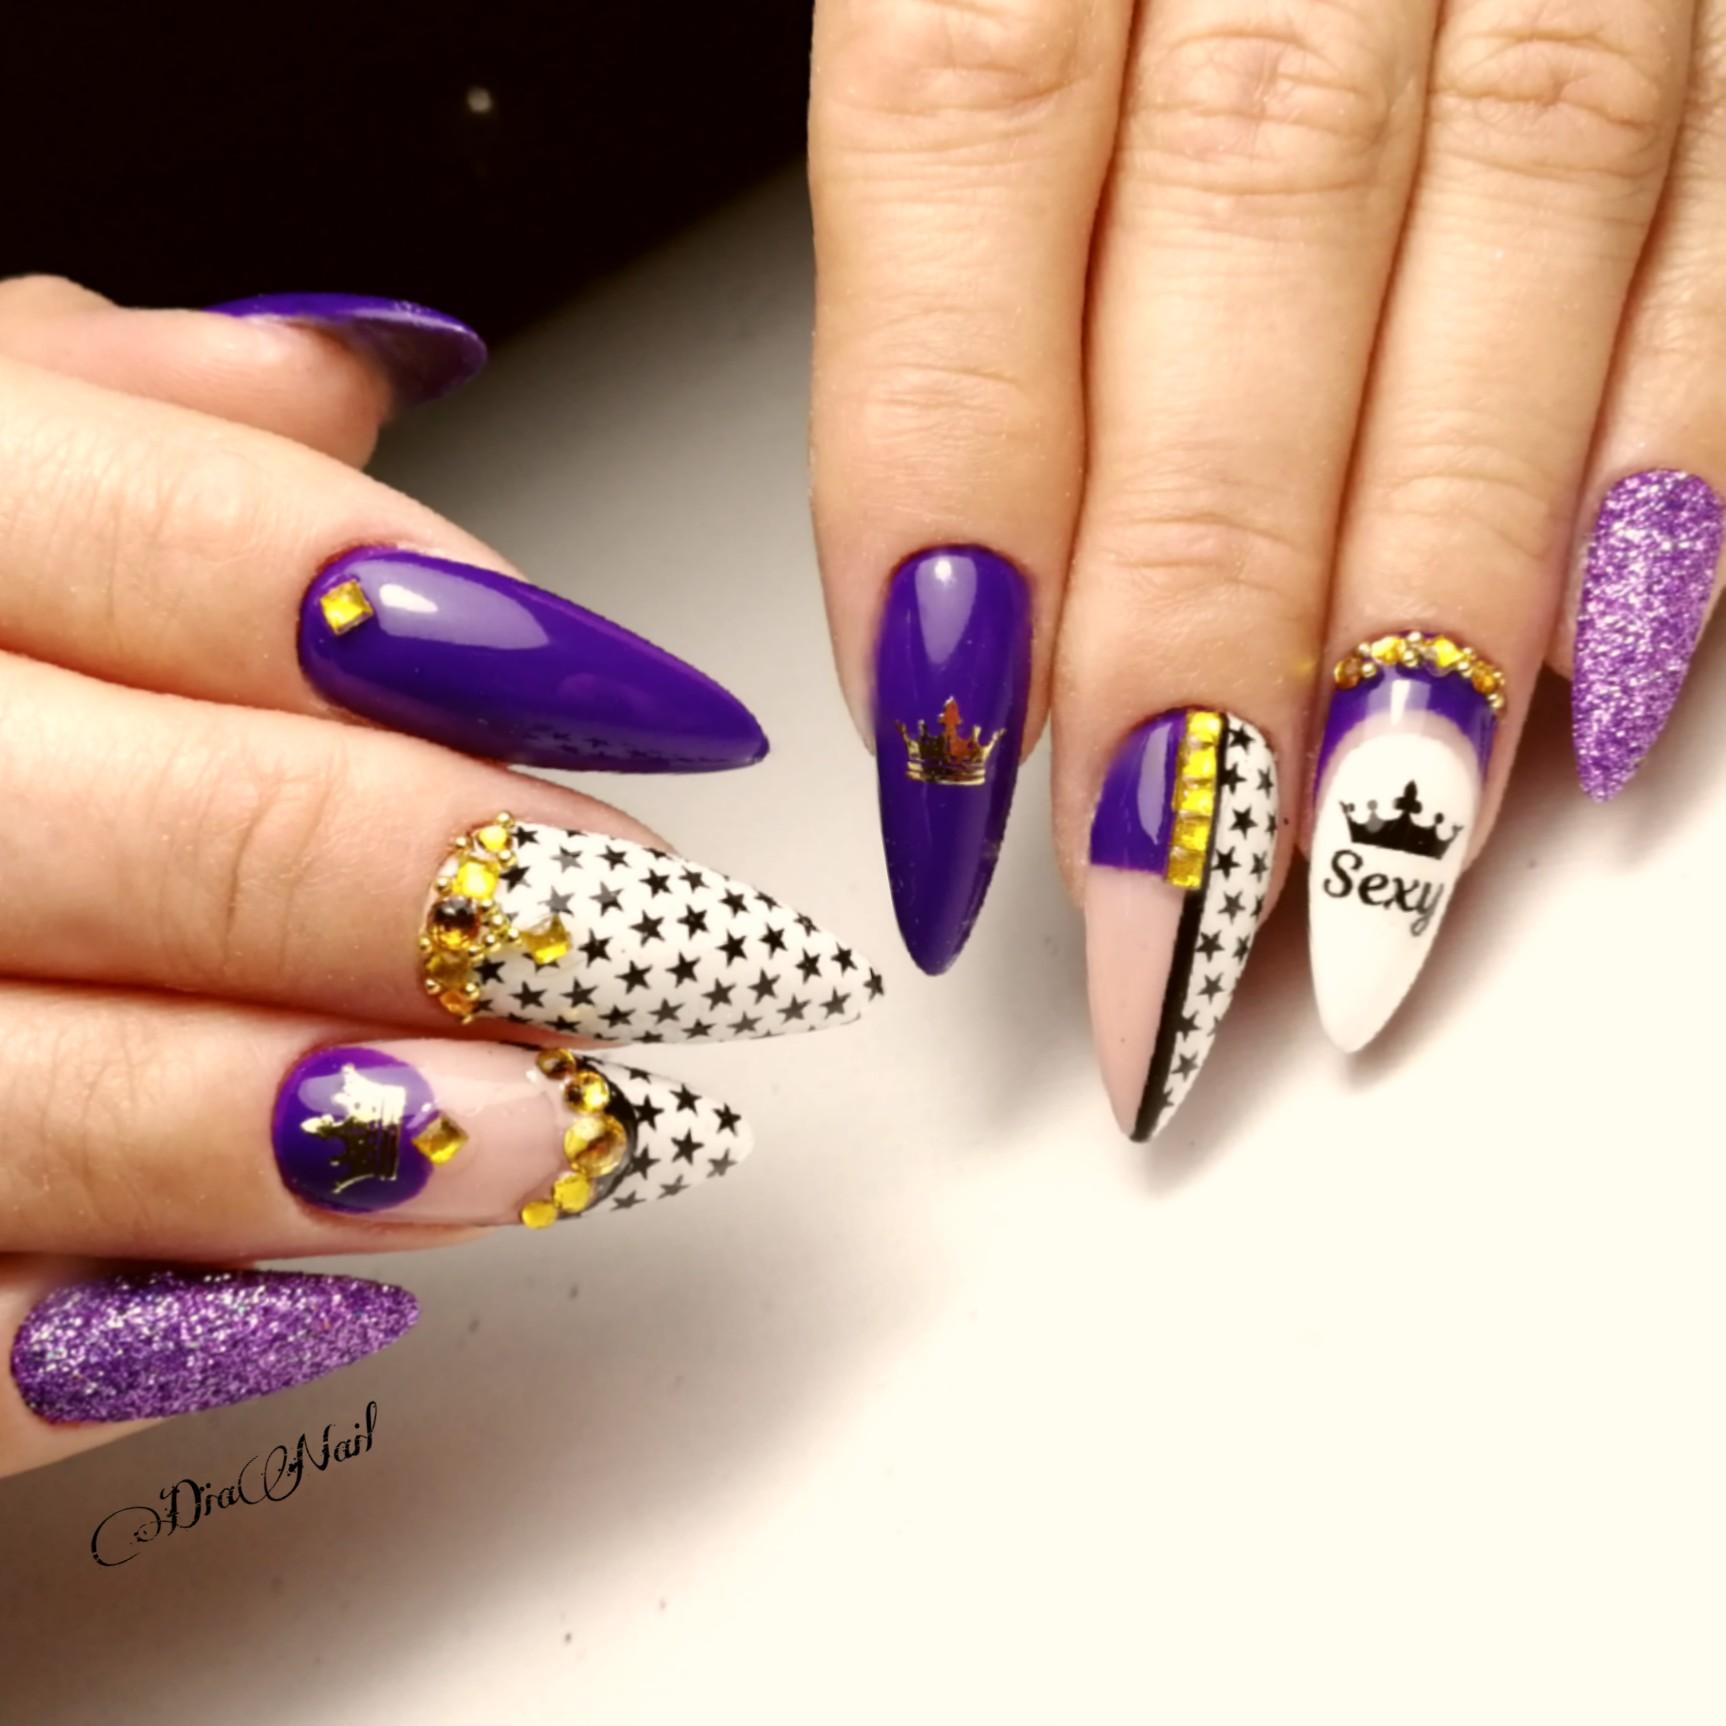 Маникюр со звездочками, слайдерами, стразами и надписями в фиолетовом цвете.